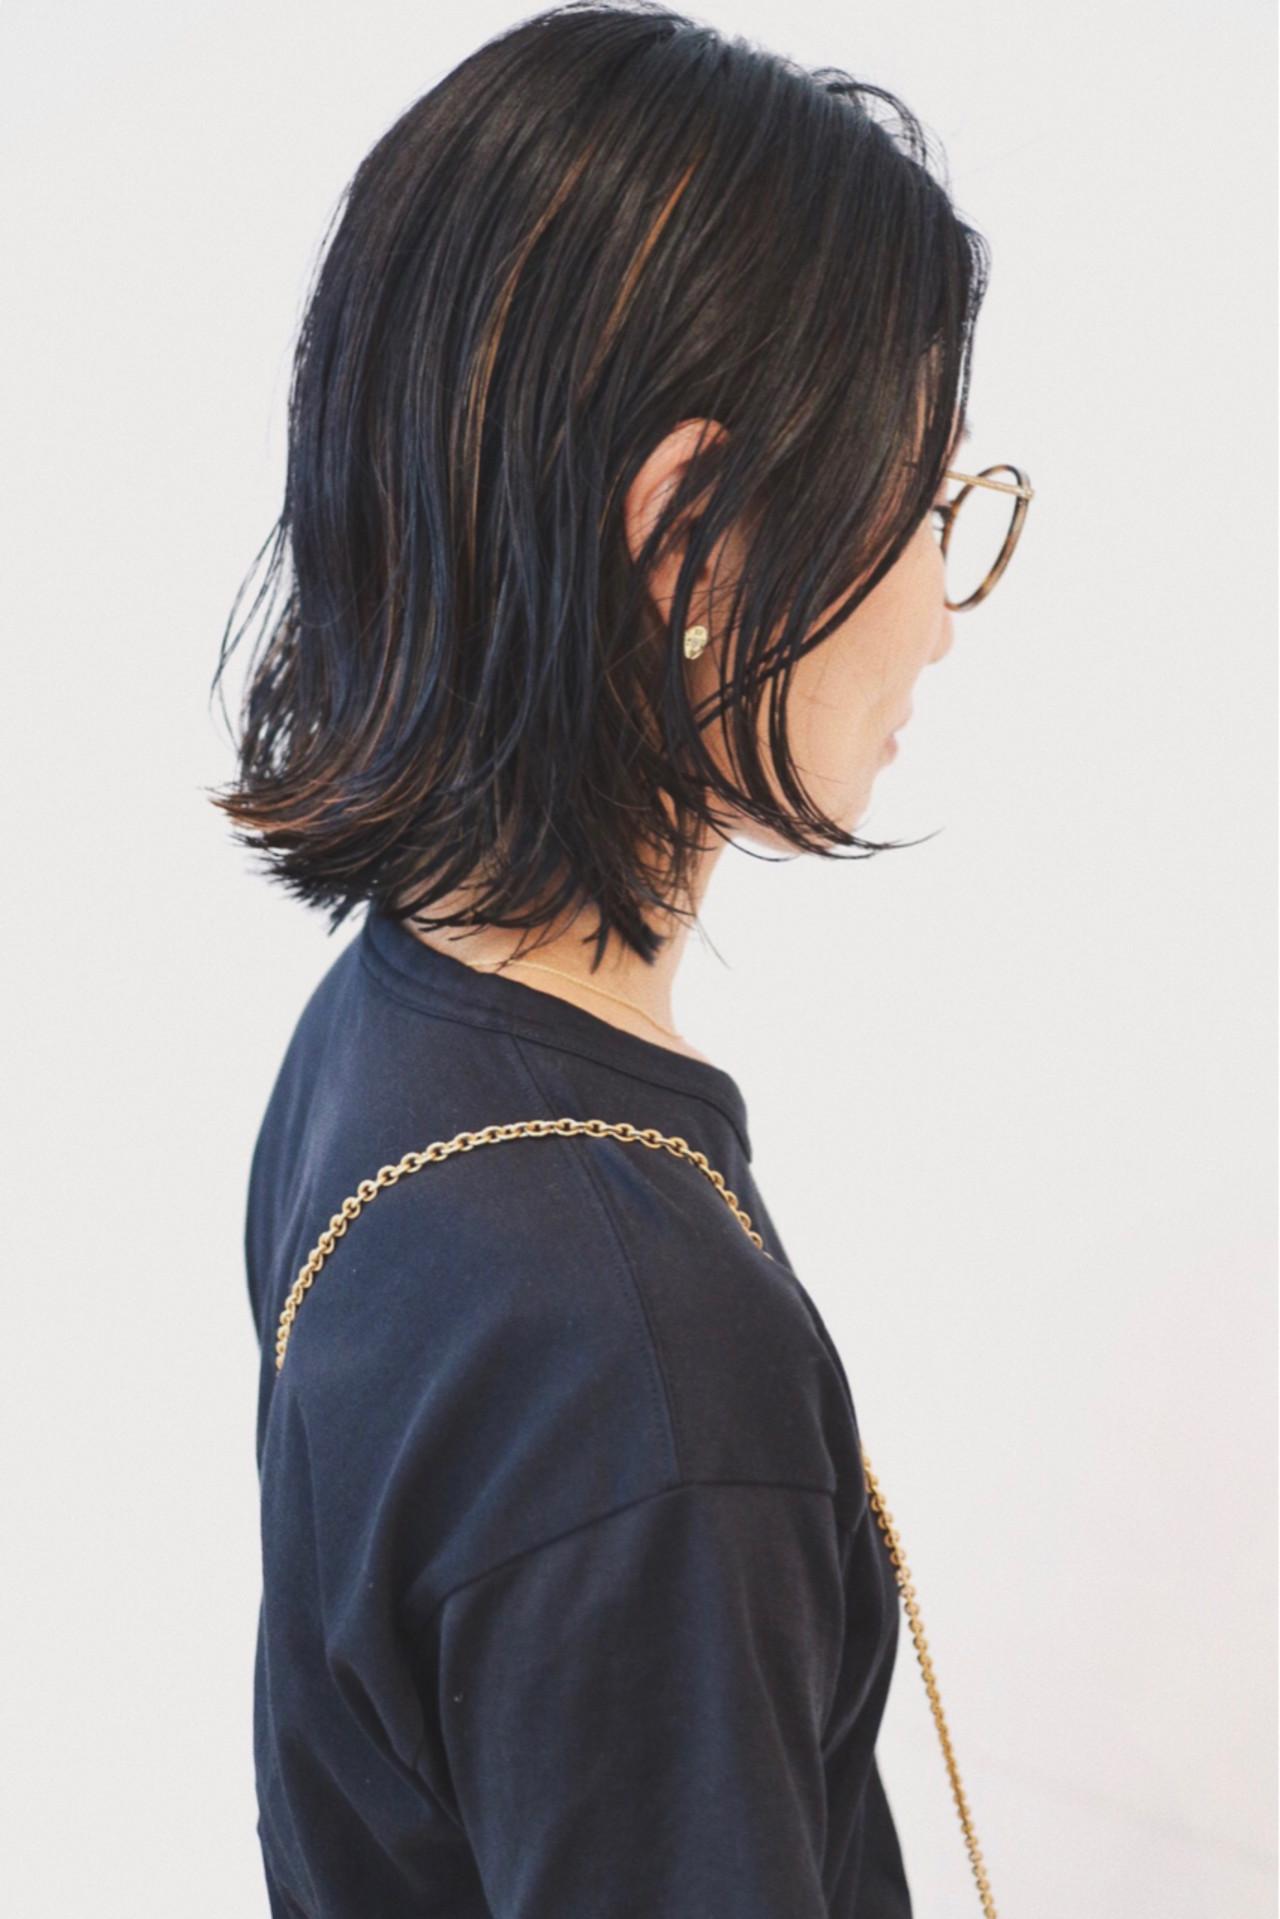 ストリート インナーカラー ボブ ハイライト ヘアスタイルや髪型の写真・画像 | 三好 佳奈美 / Baco.(バコ)